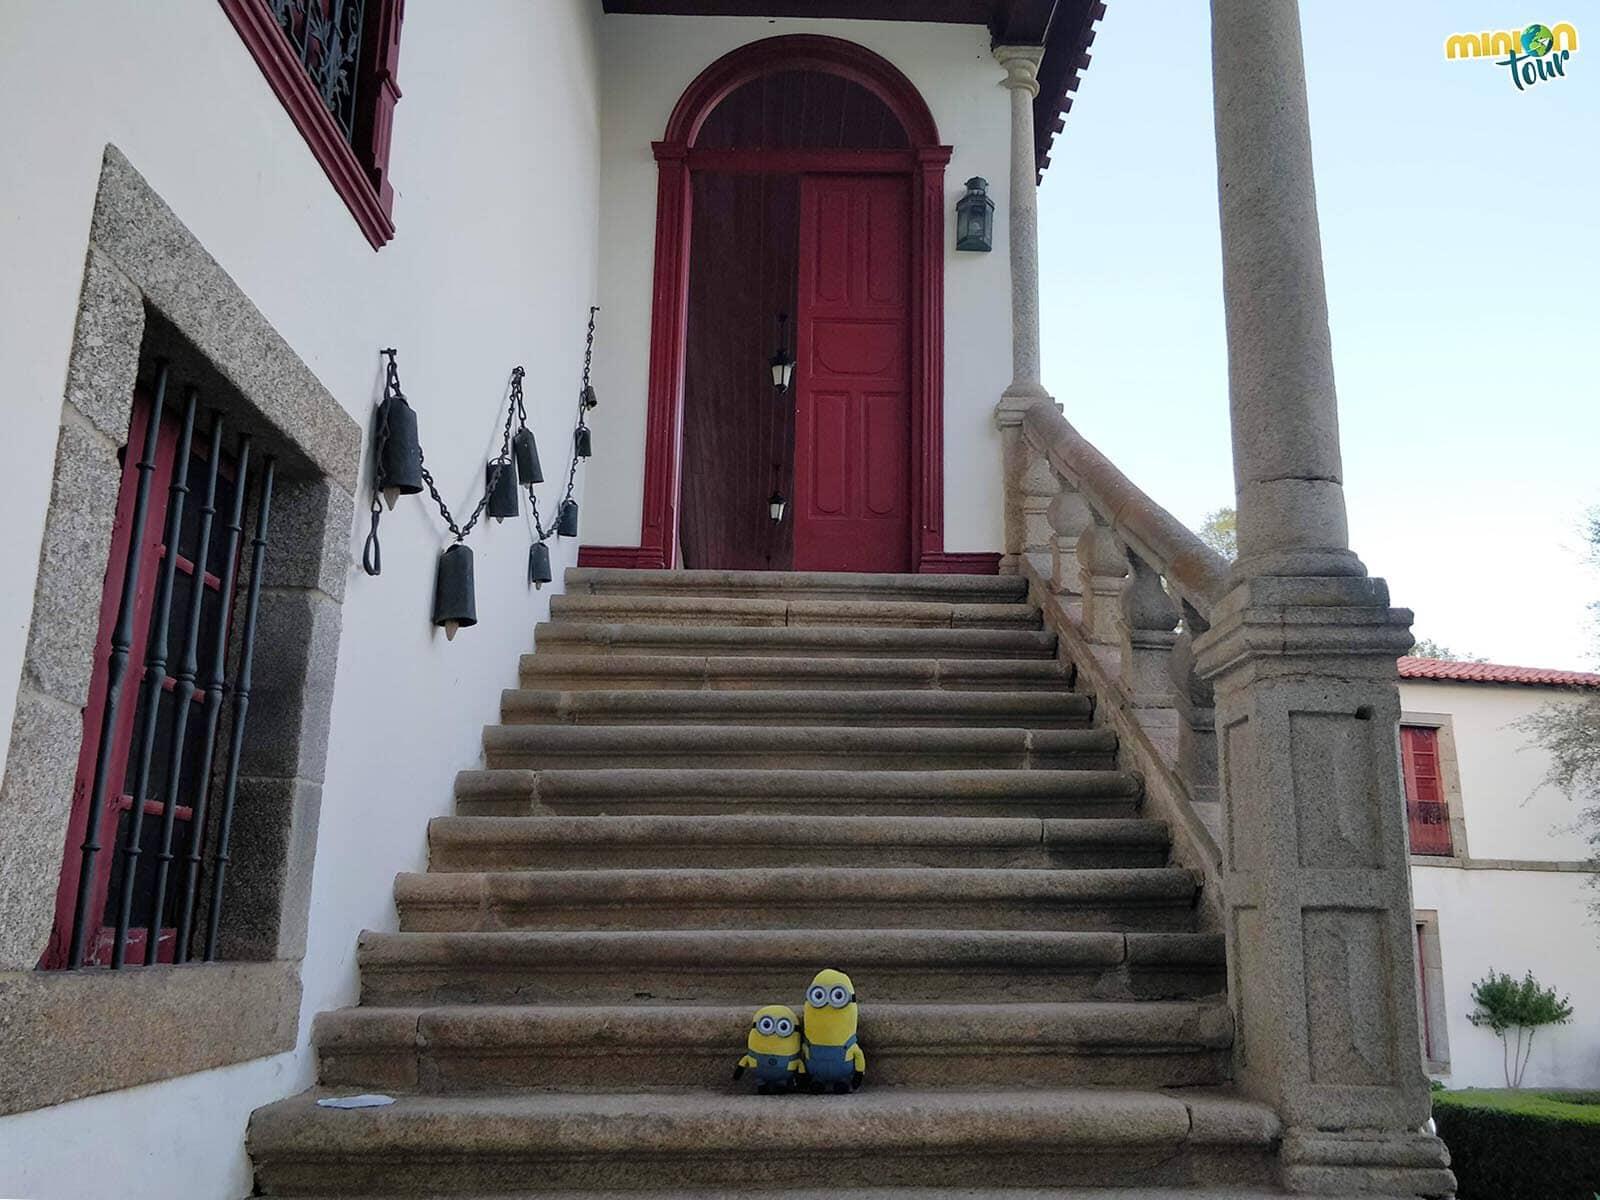 Los Minions subiendo por las escaleras barrocas al edificio principal